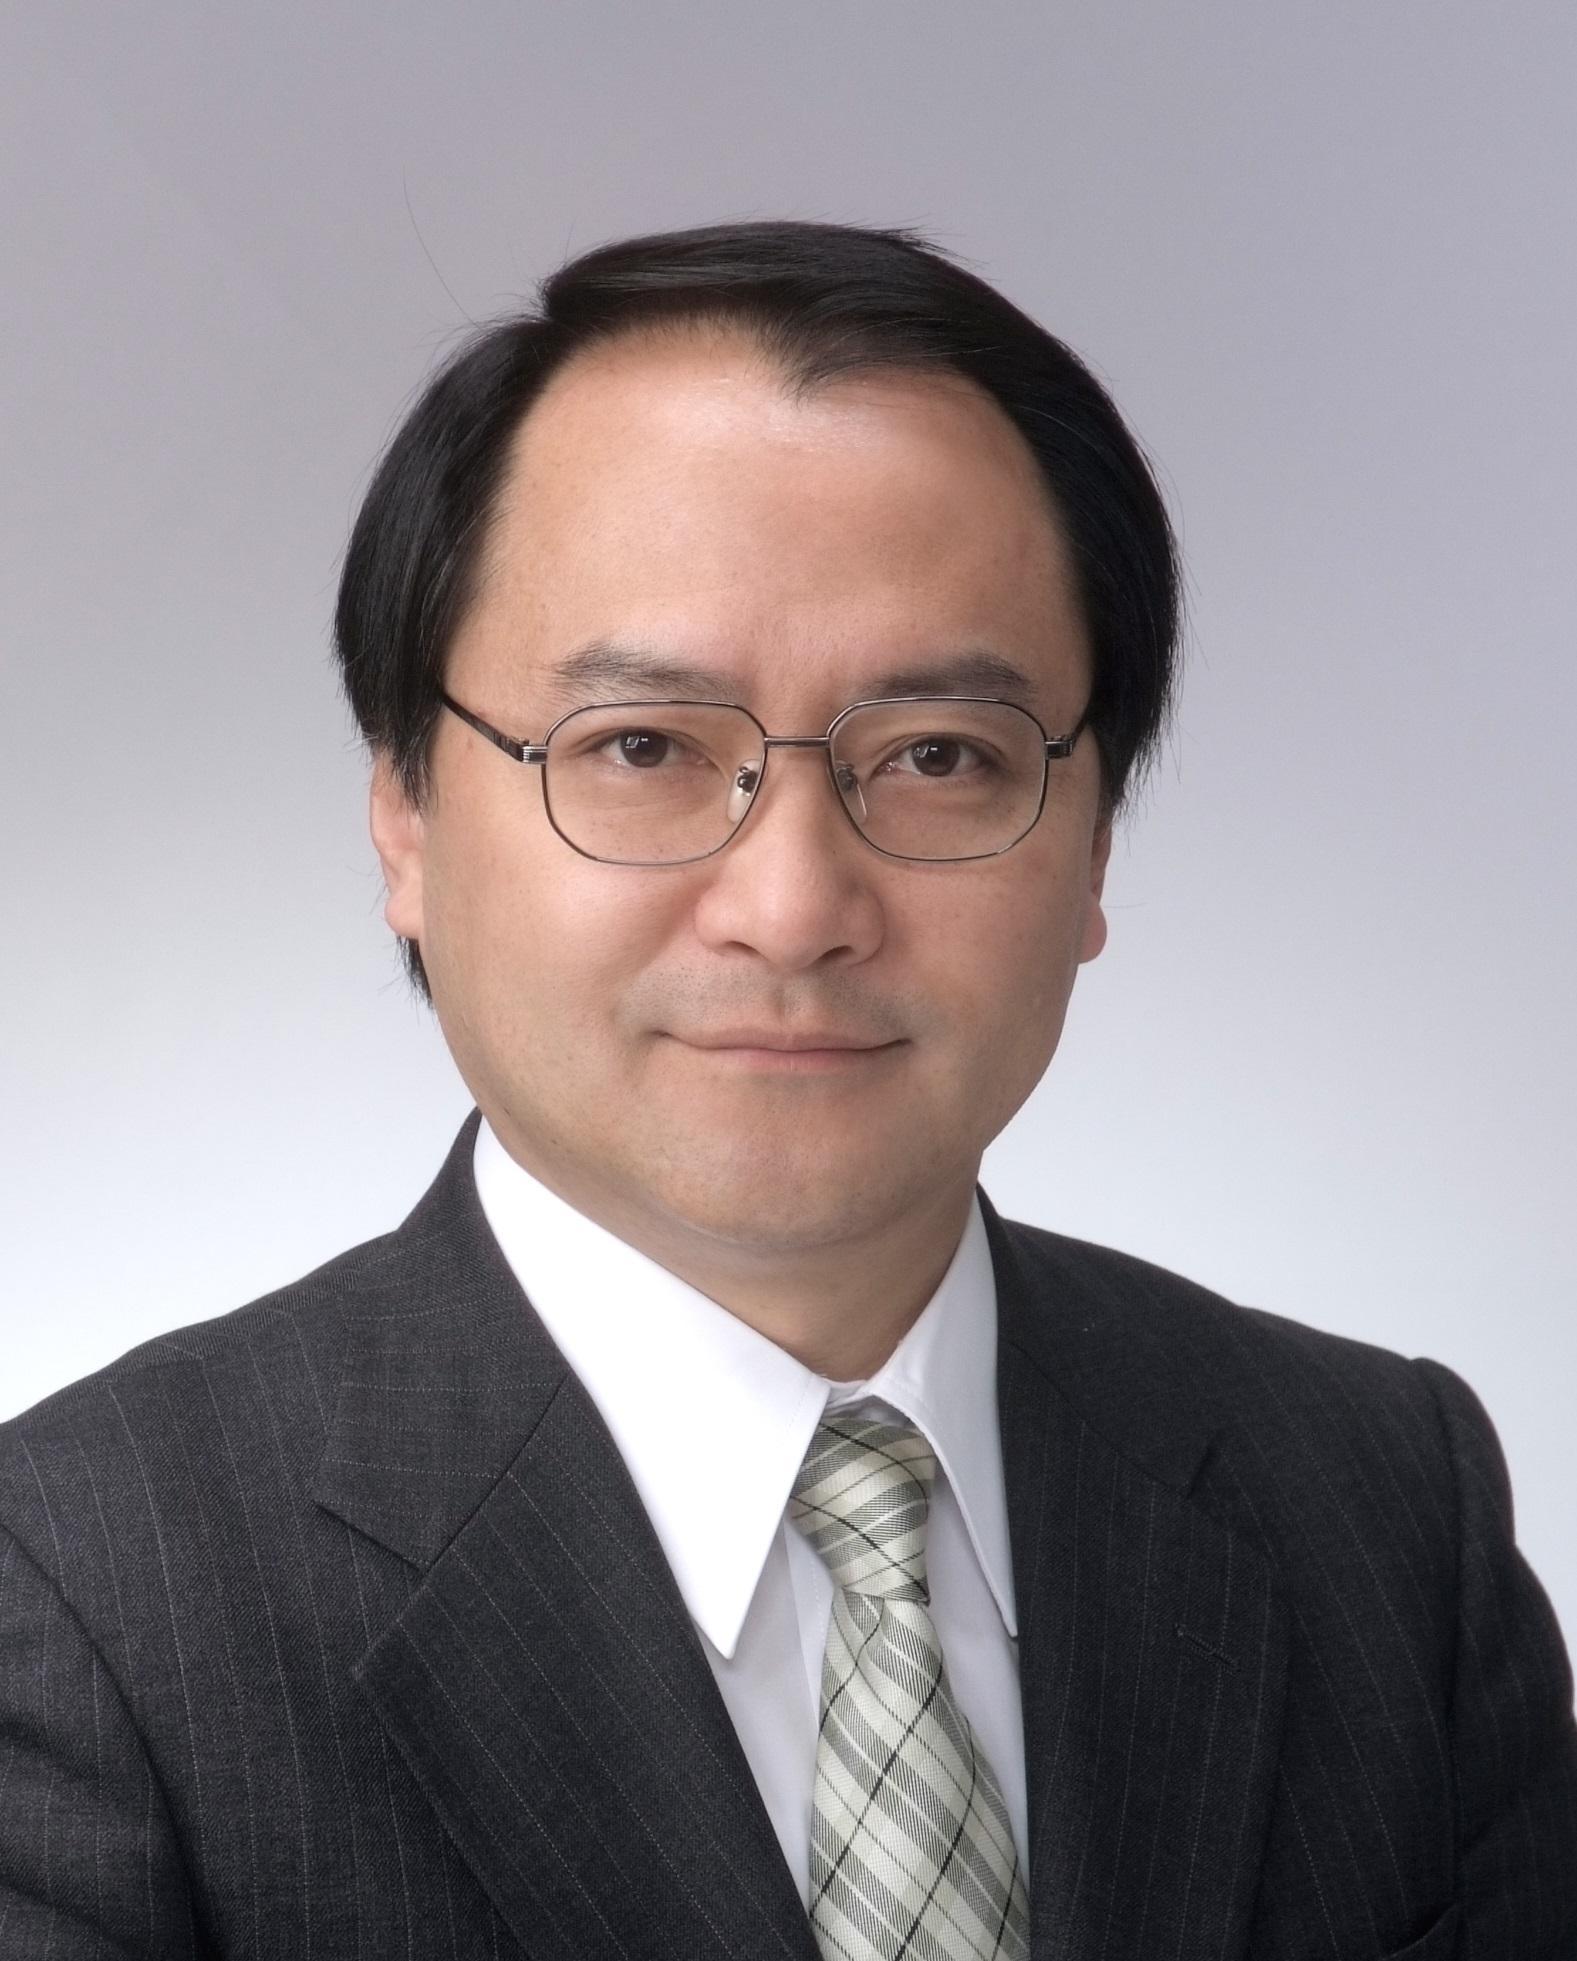 http://www.c.u-tokyo.ac.jp/info/news/info/news/topics/Prof_segawa.jpg